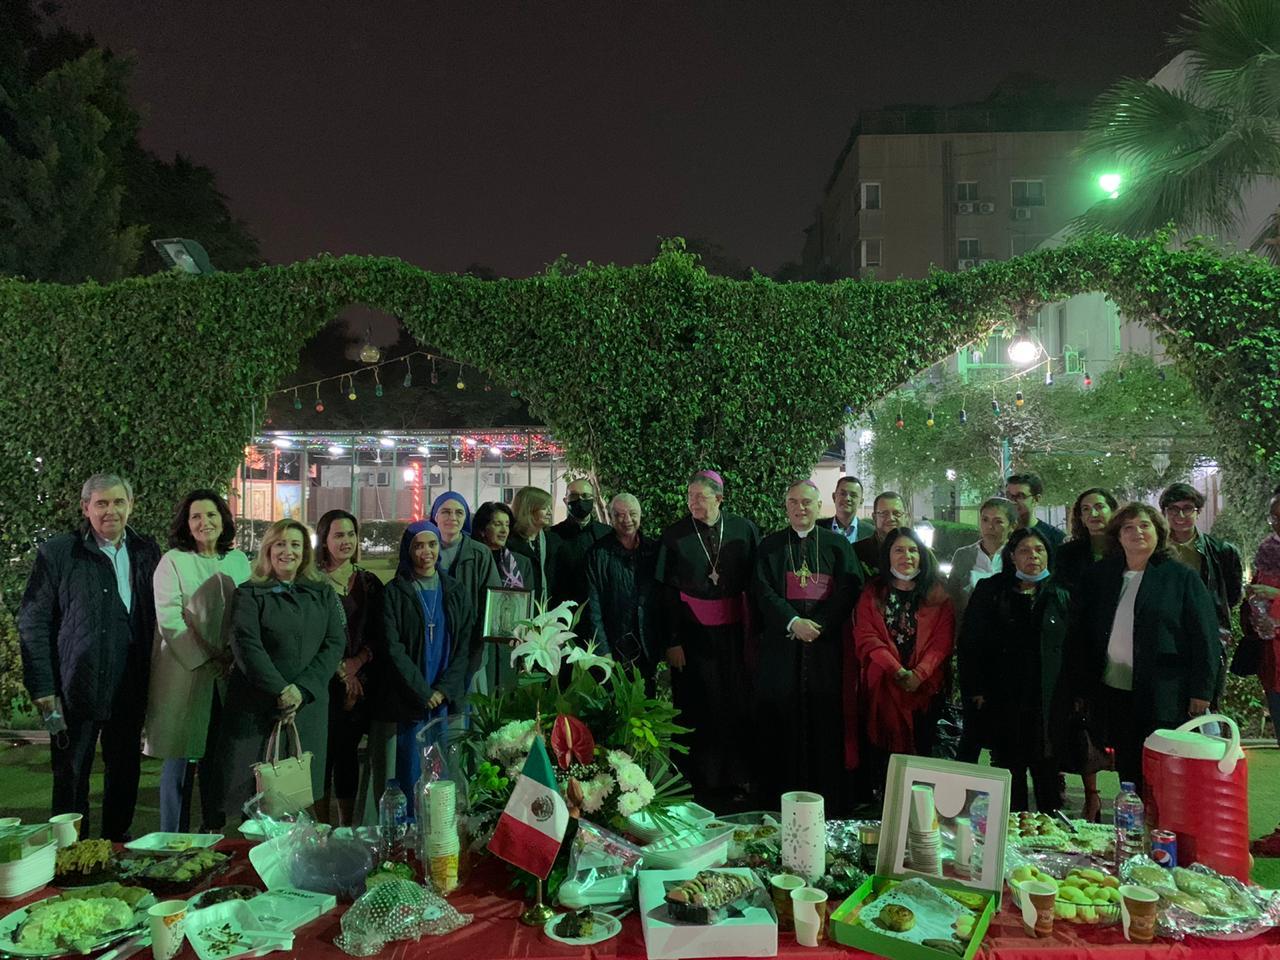 Egipto - Solemnidad de Nuestra Señora de Guadalupe en El Cairo